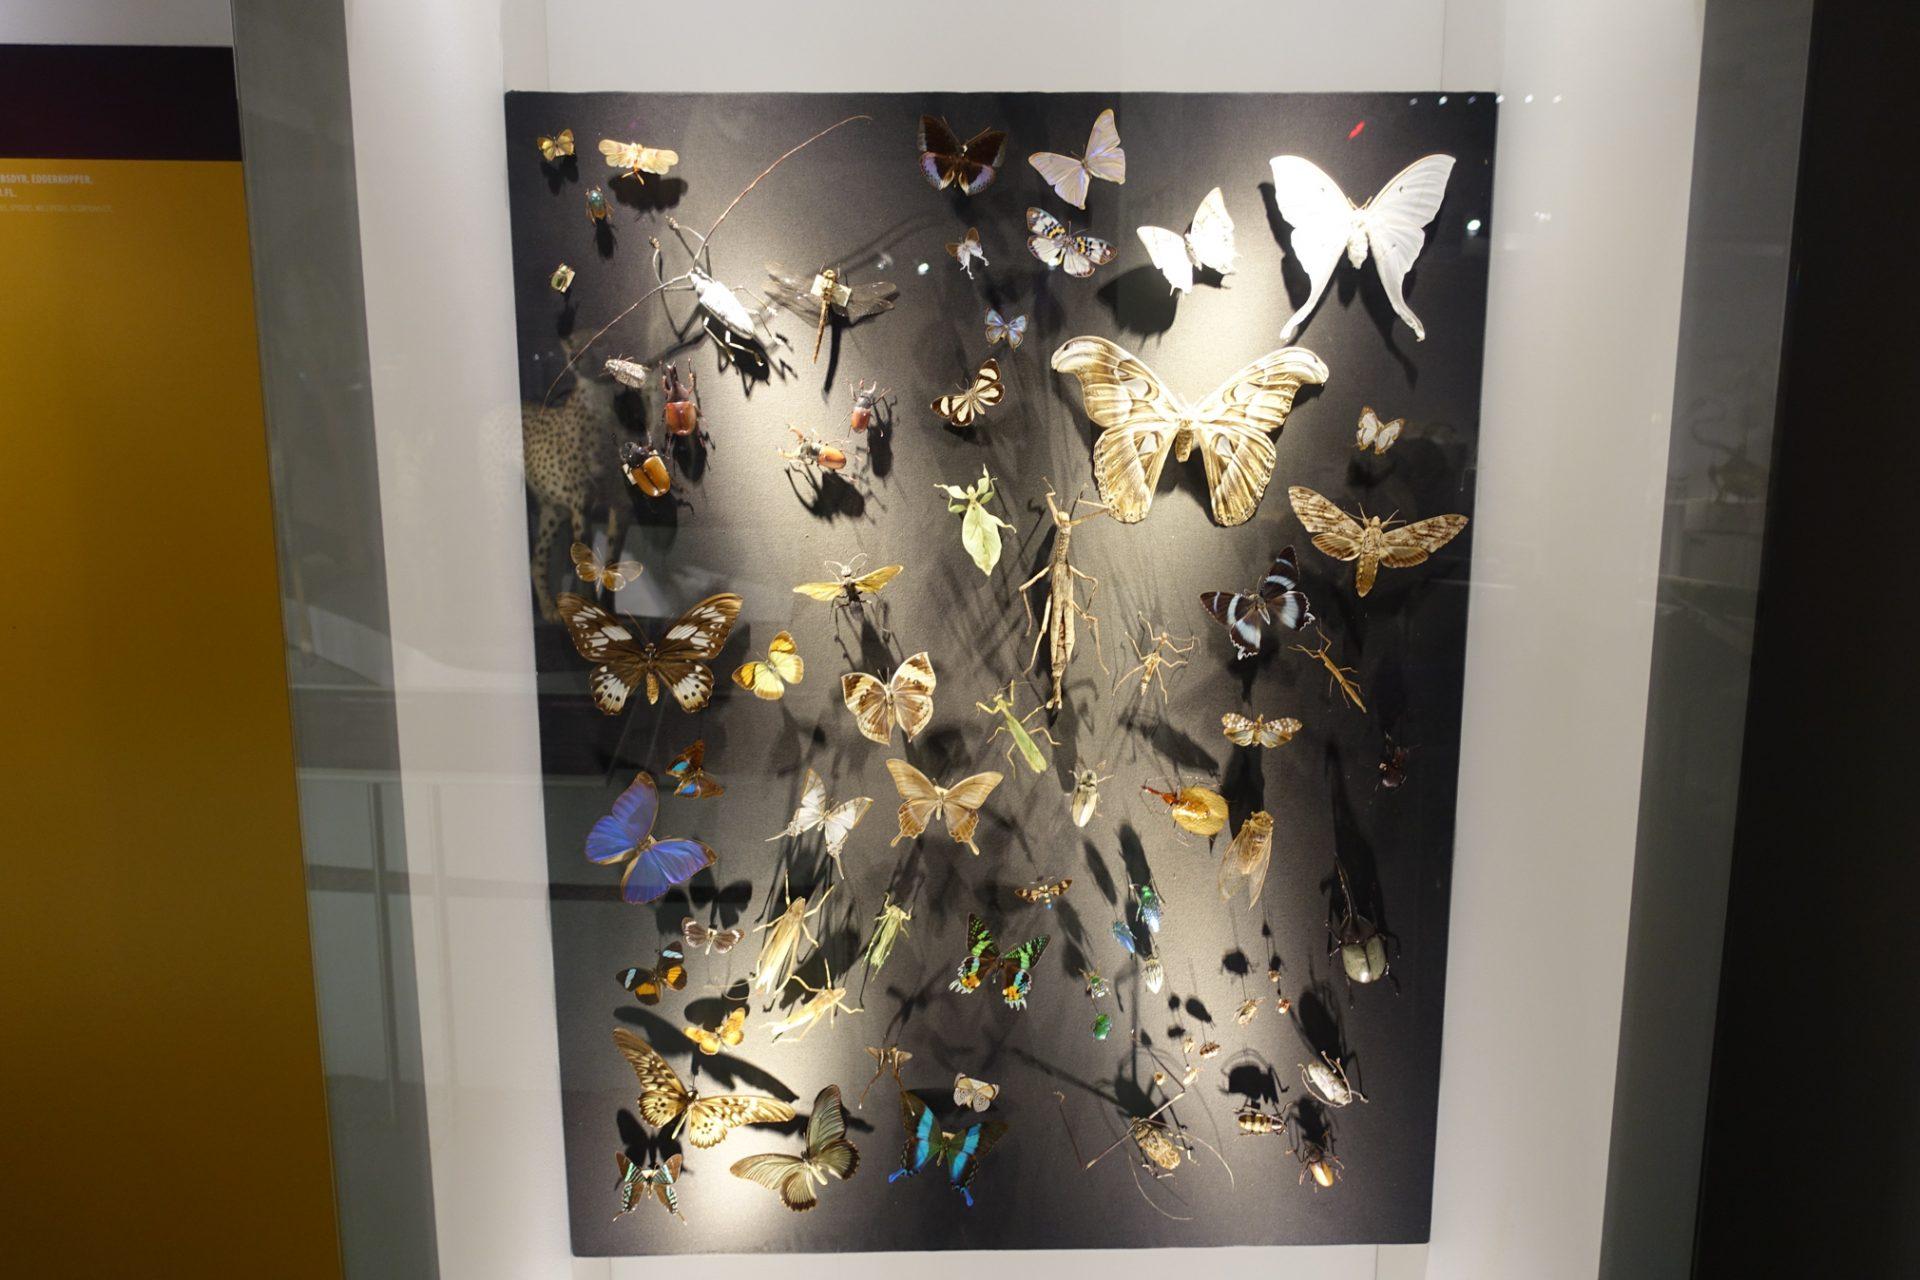 Reportage: Klimakamp og klare budskaber hos Naturhistorisk Museum Aarhus